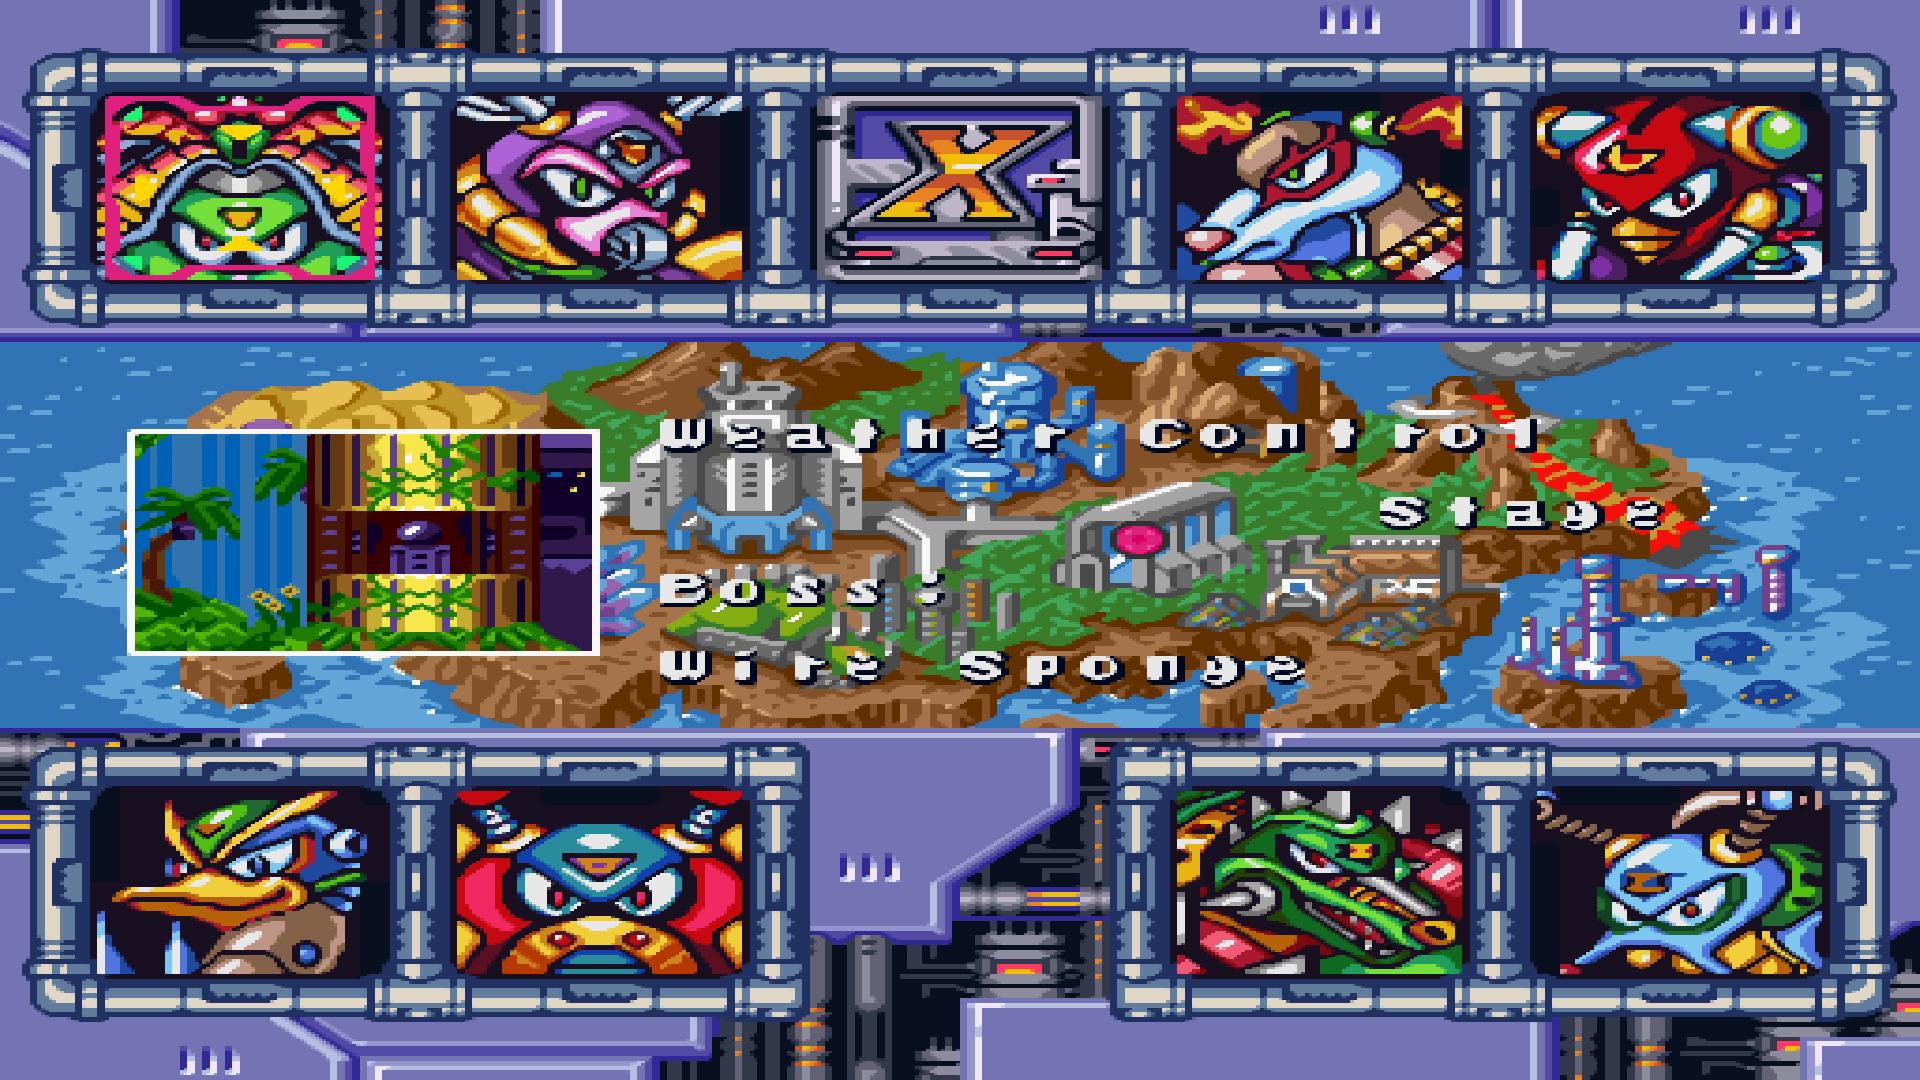 Análisis de Mega Man X Legacy Collection 1+2 - Xbox One 3